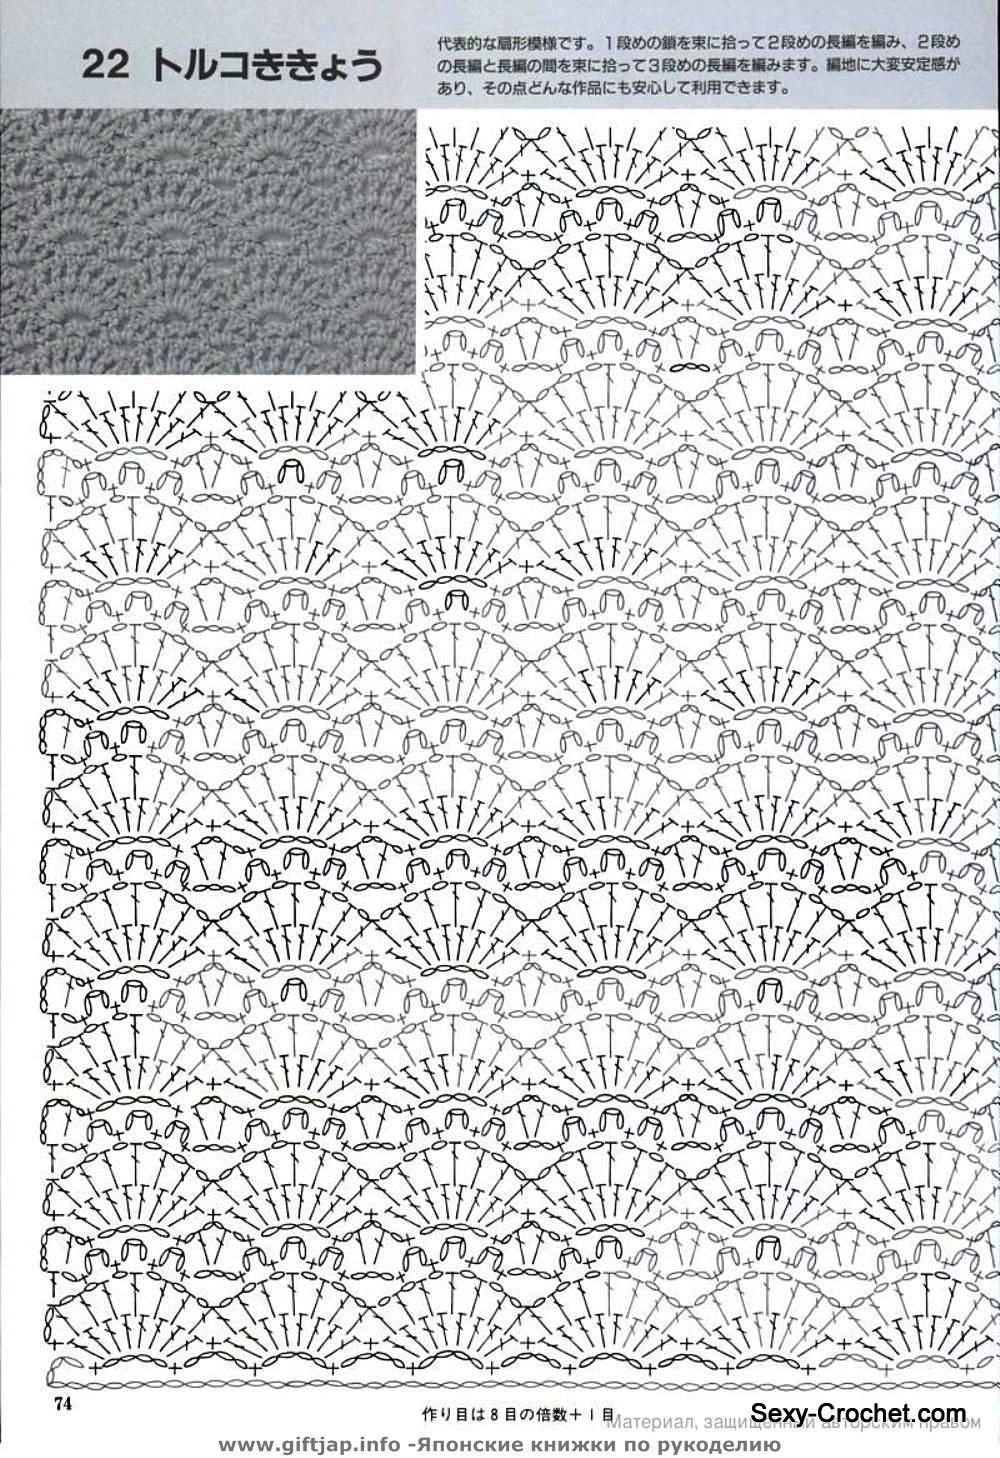 sexy-crochet.com_esquemas_vestidos_faldas_225 | tejidos | Pinterest ...